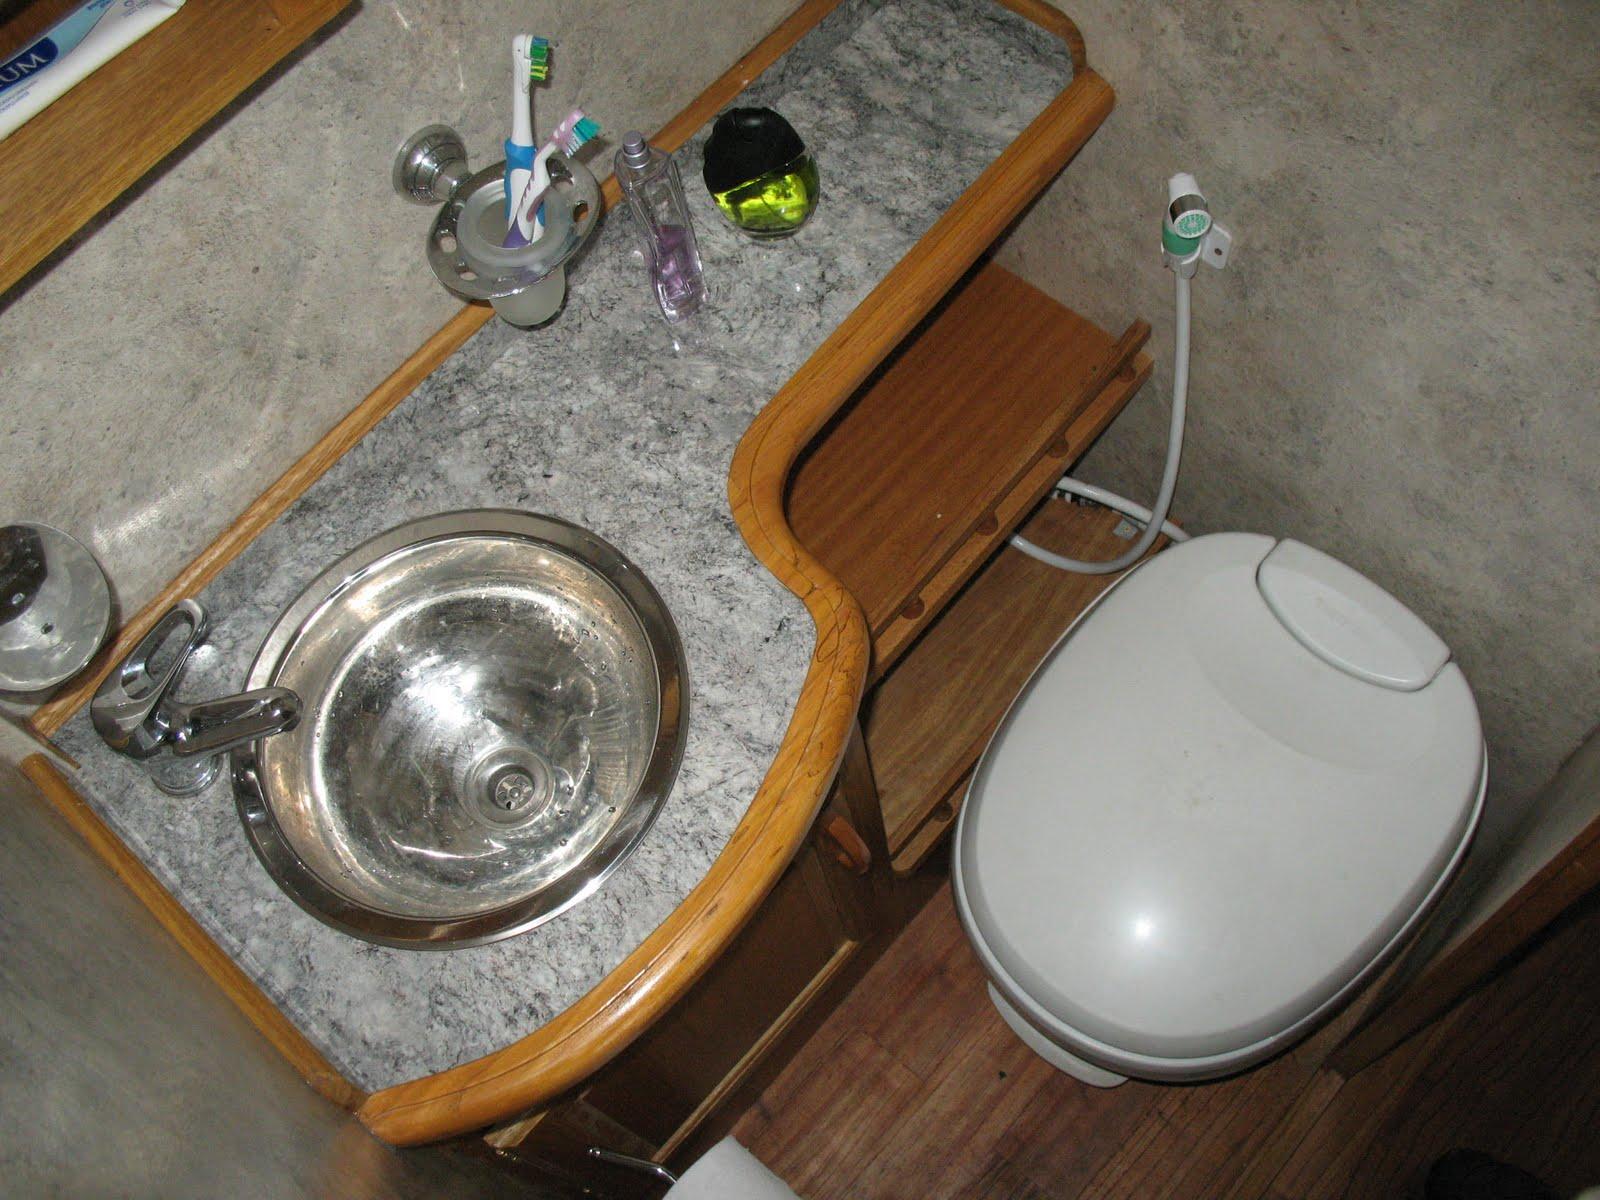 Botiquin Para Baño En Pvc:camara septica de 100 lts, con valvula esclusa , valvula esferica de